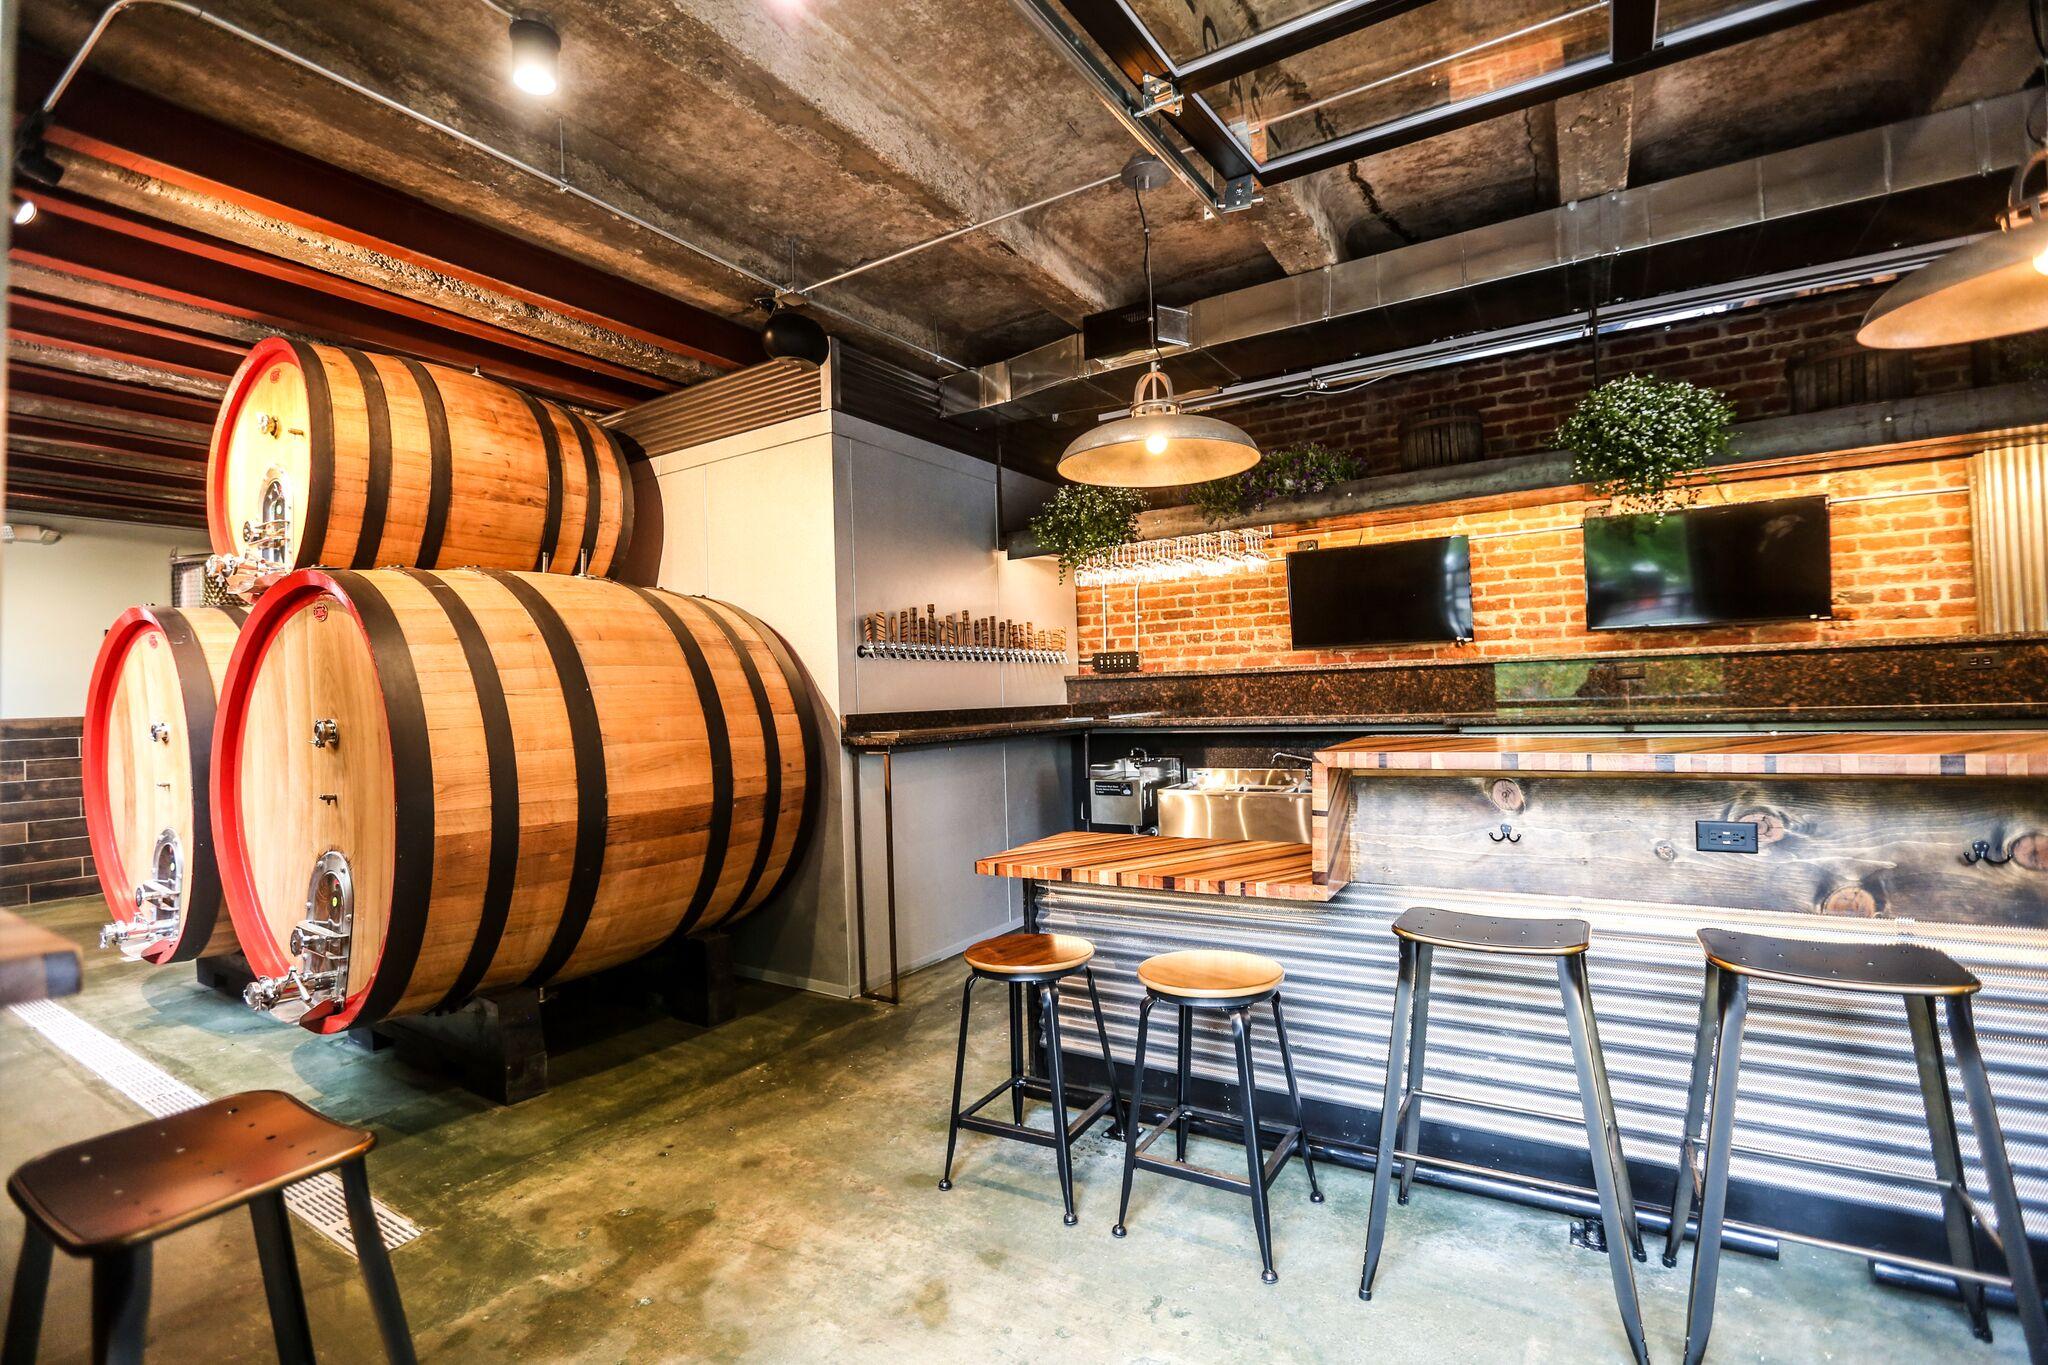 Giant cider barrels. (Photo Credit: Farrah Skeiky/Dimsum Media)